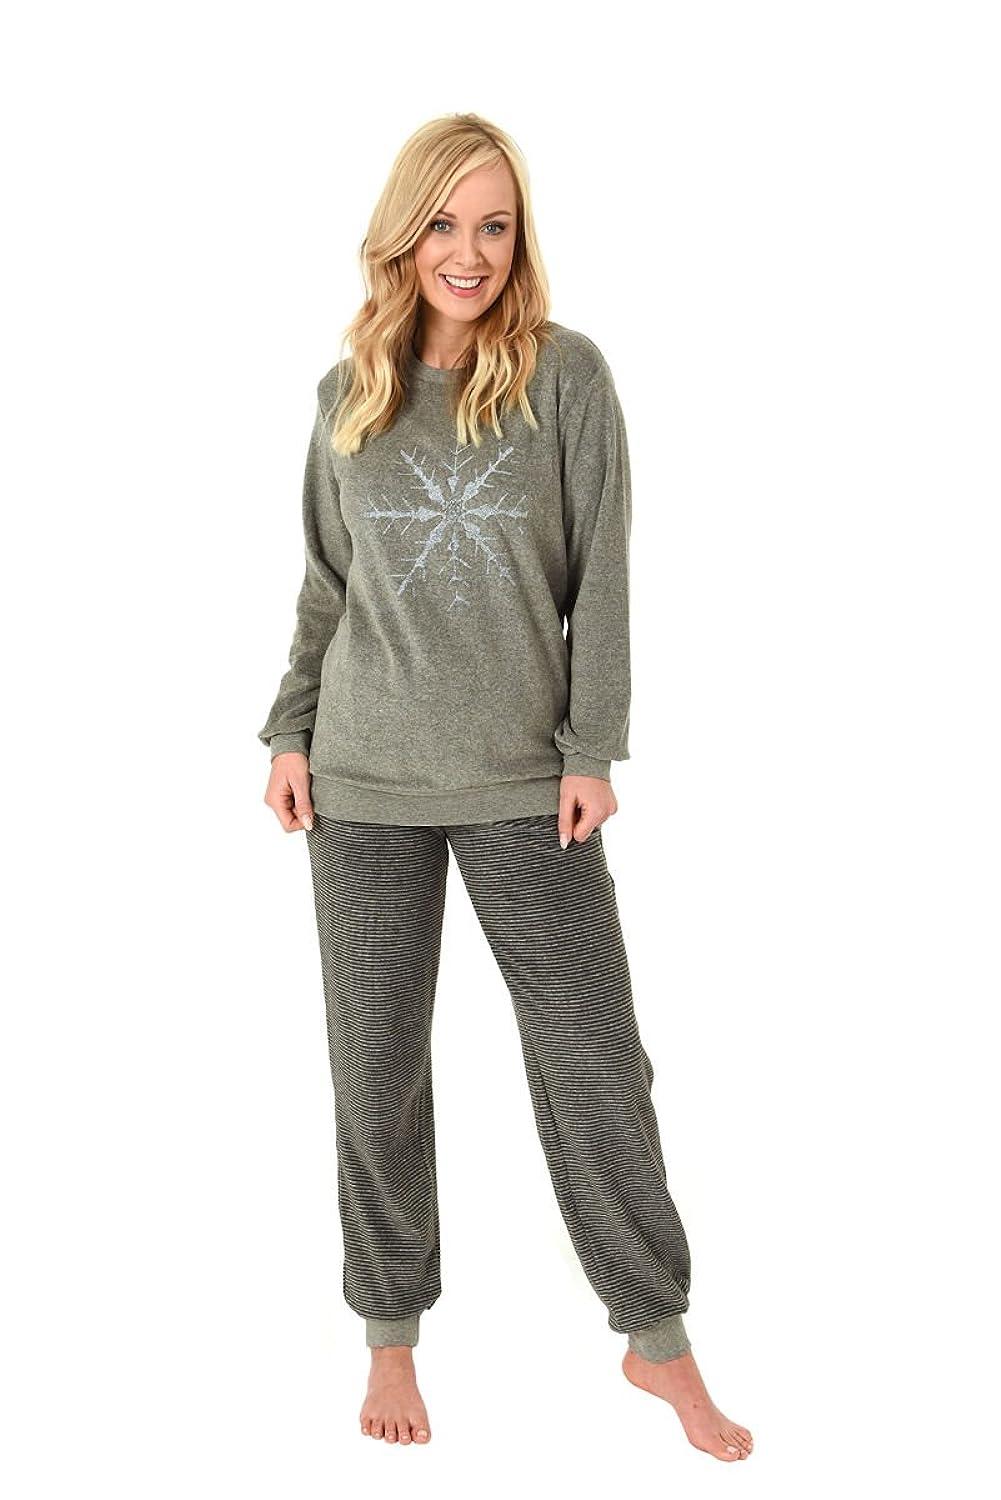 000d7973cd Damen Polar Frottee Pyjama Schlafanzug Rundhals Bündchen Ausgang